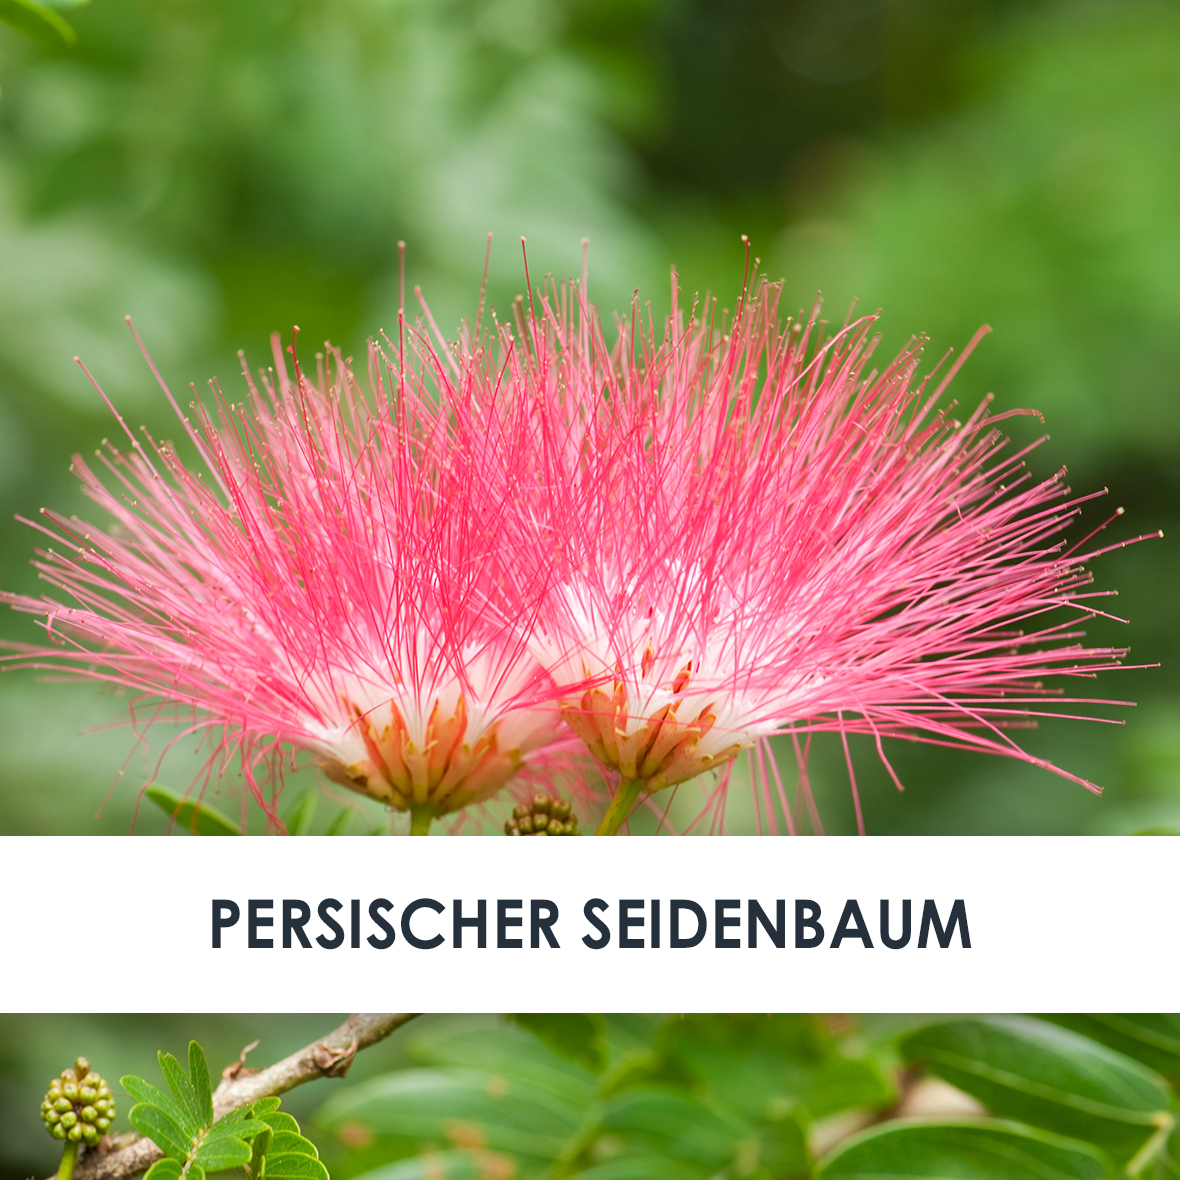 Wirkstoff Persischer Seidenbaum